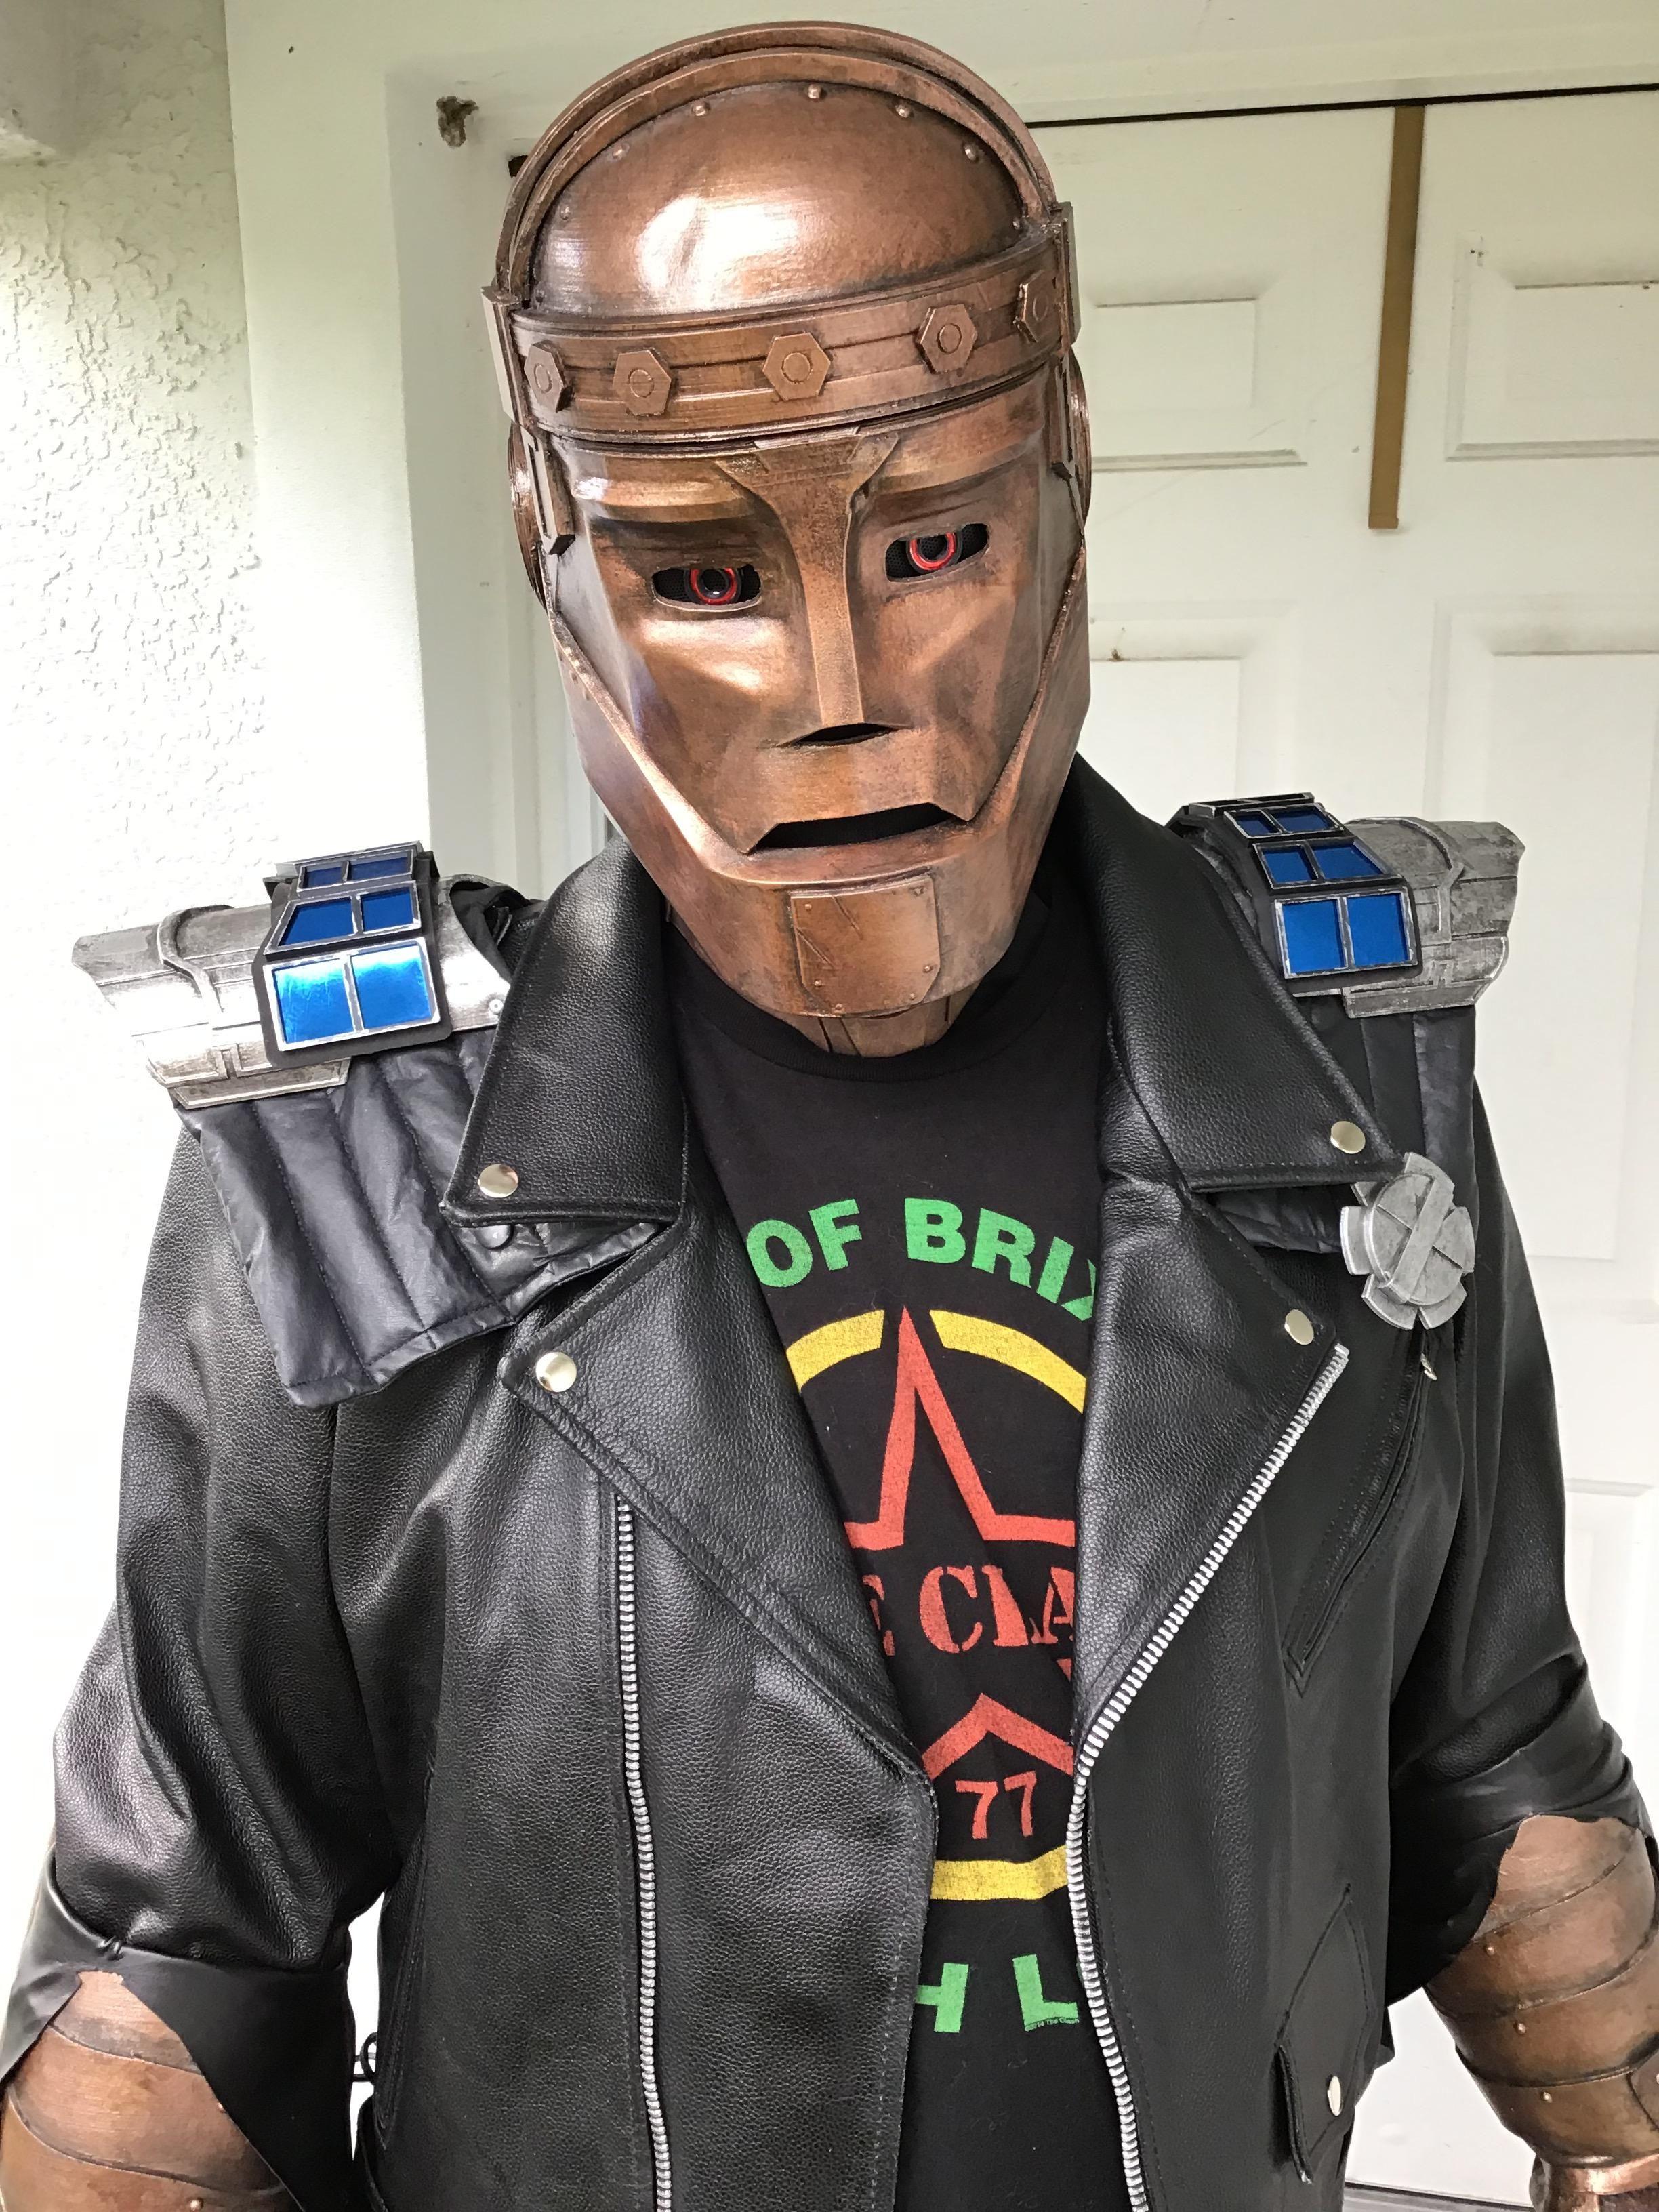 Self Doom Patrols Robotman Cosplay Http Bit Ly 1pirklu Doom